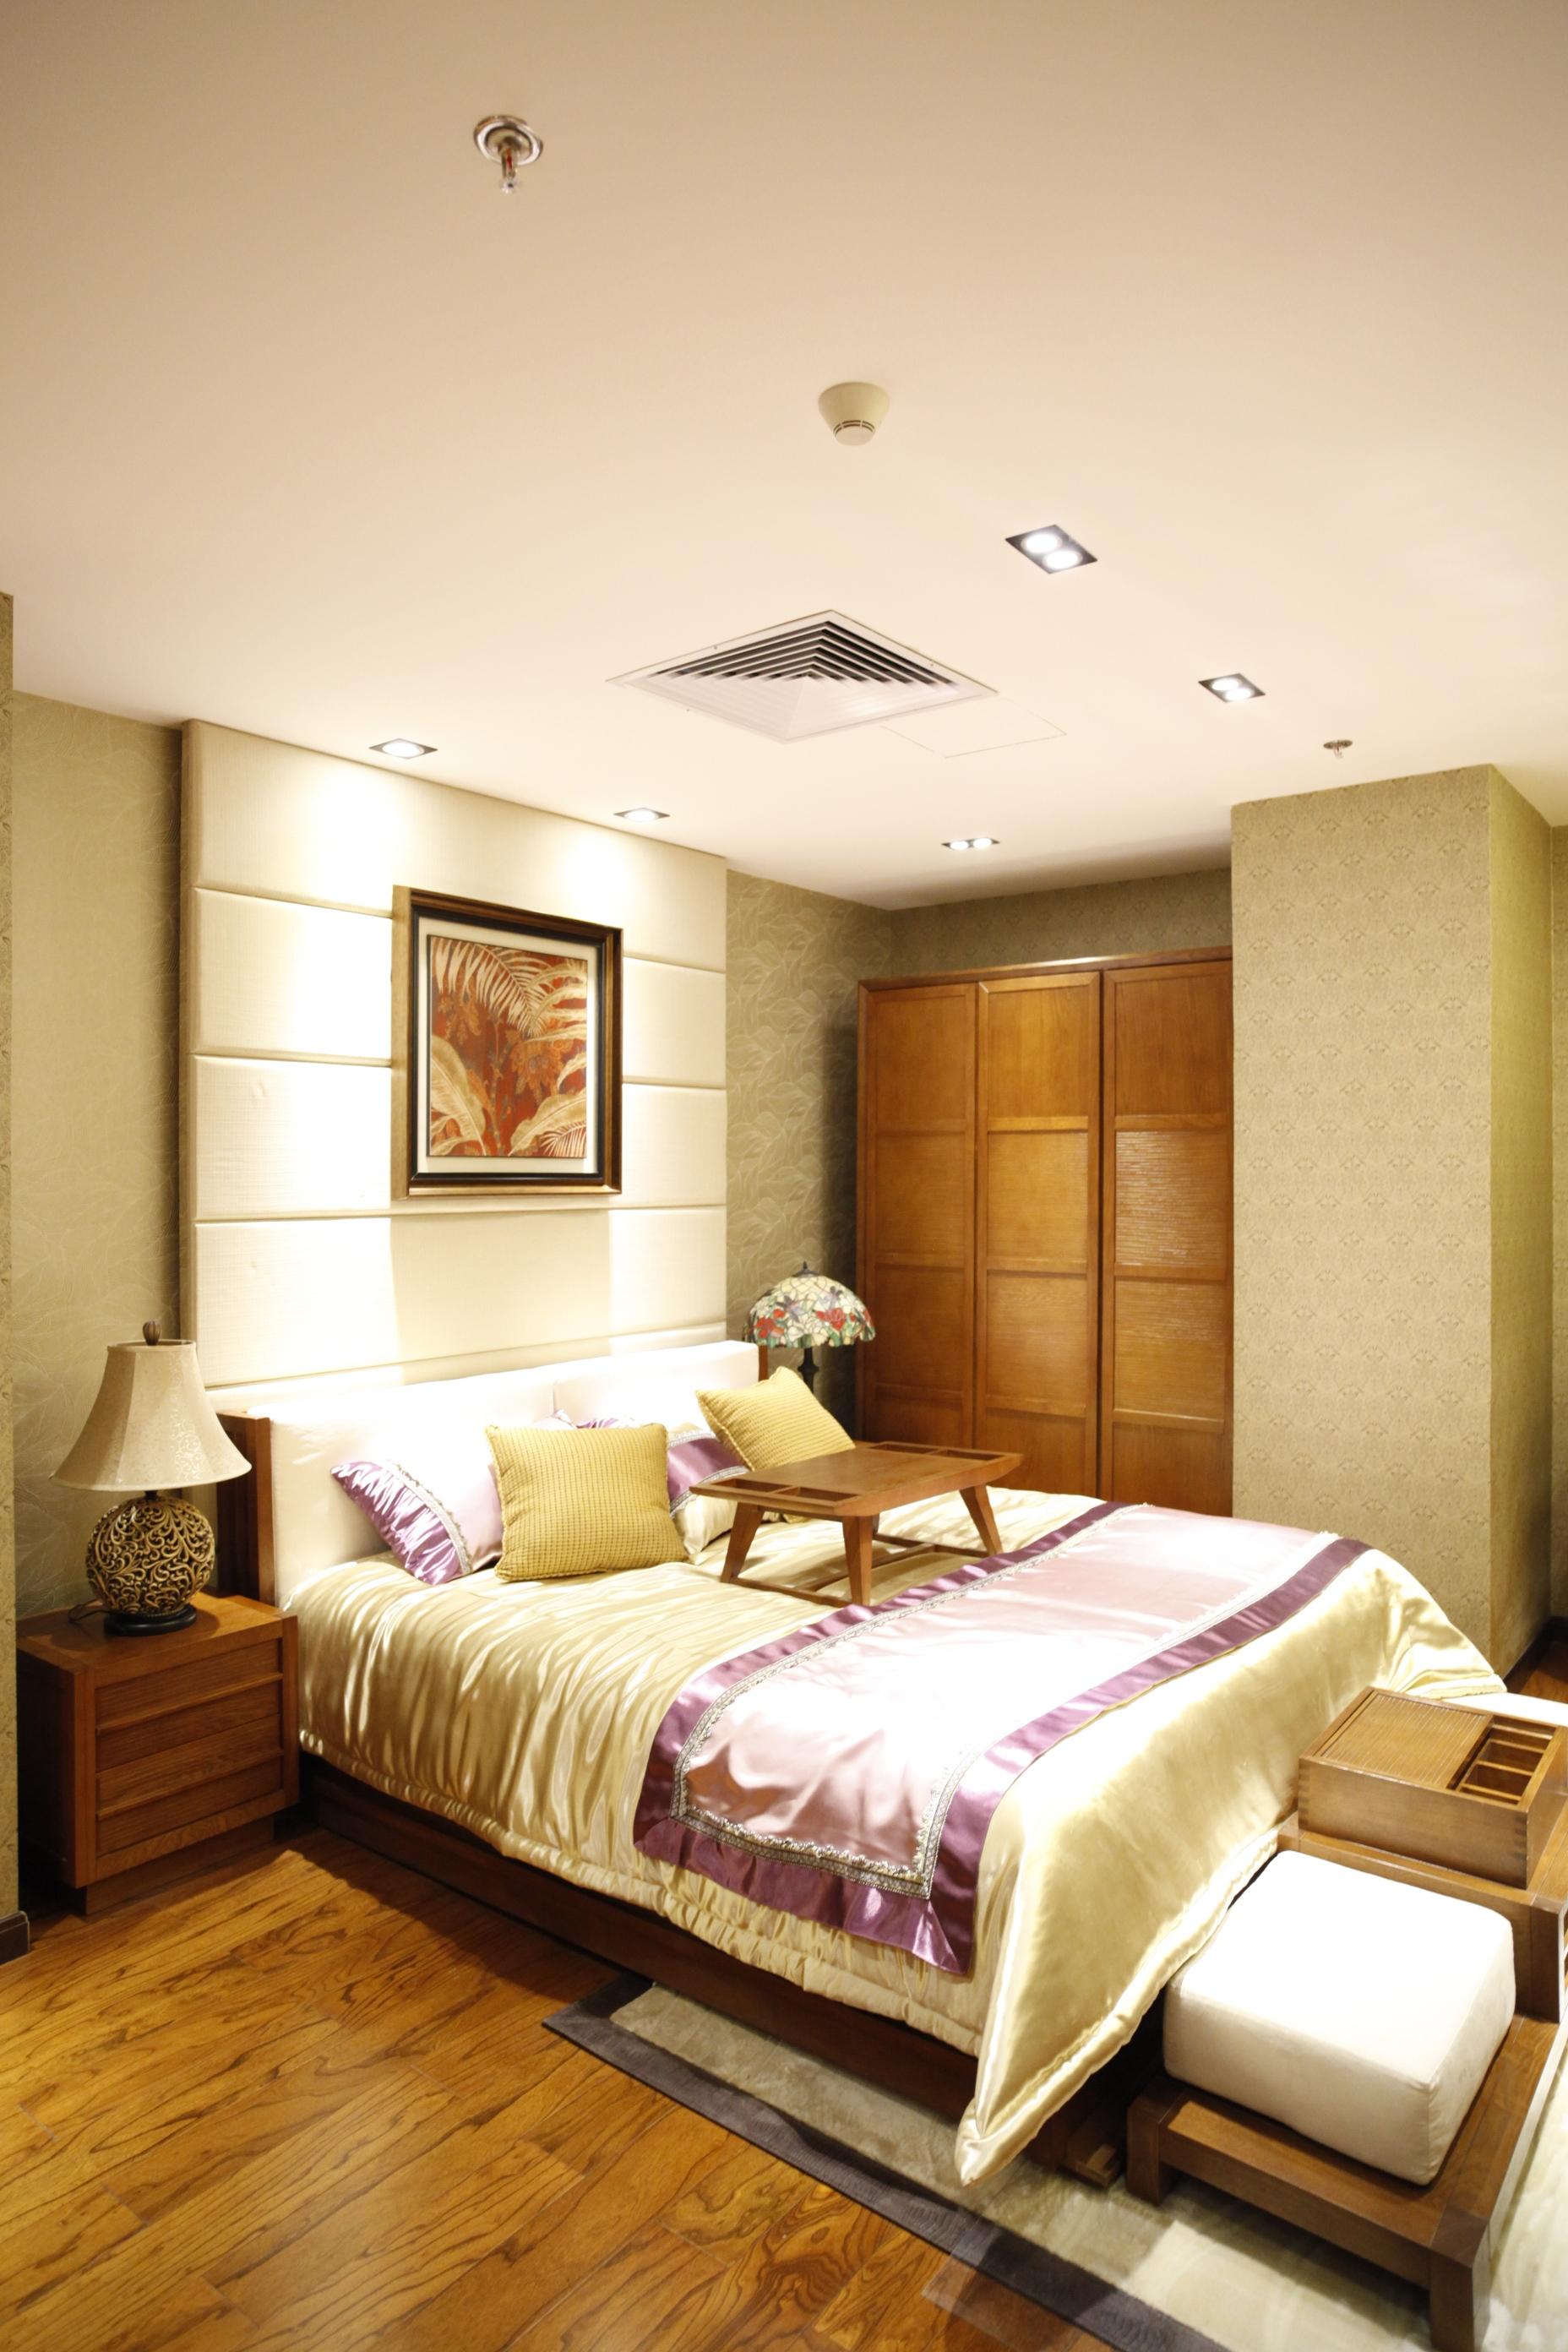 卧室图片来自用户2746953981在高一度的享受 傲娇卧室的别样魅力的分享